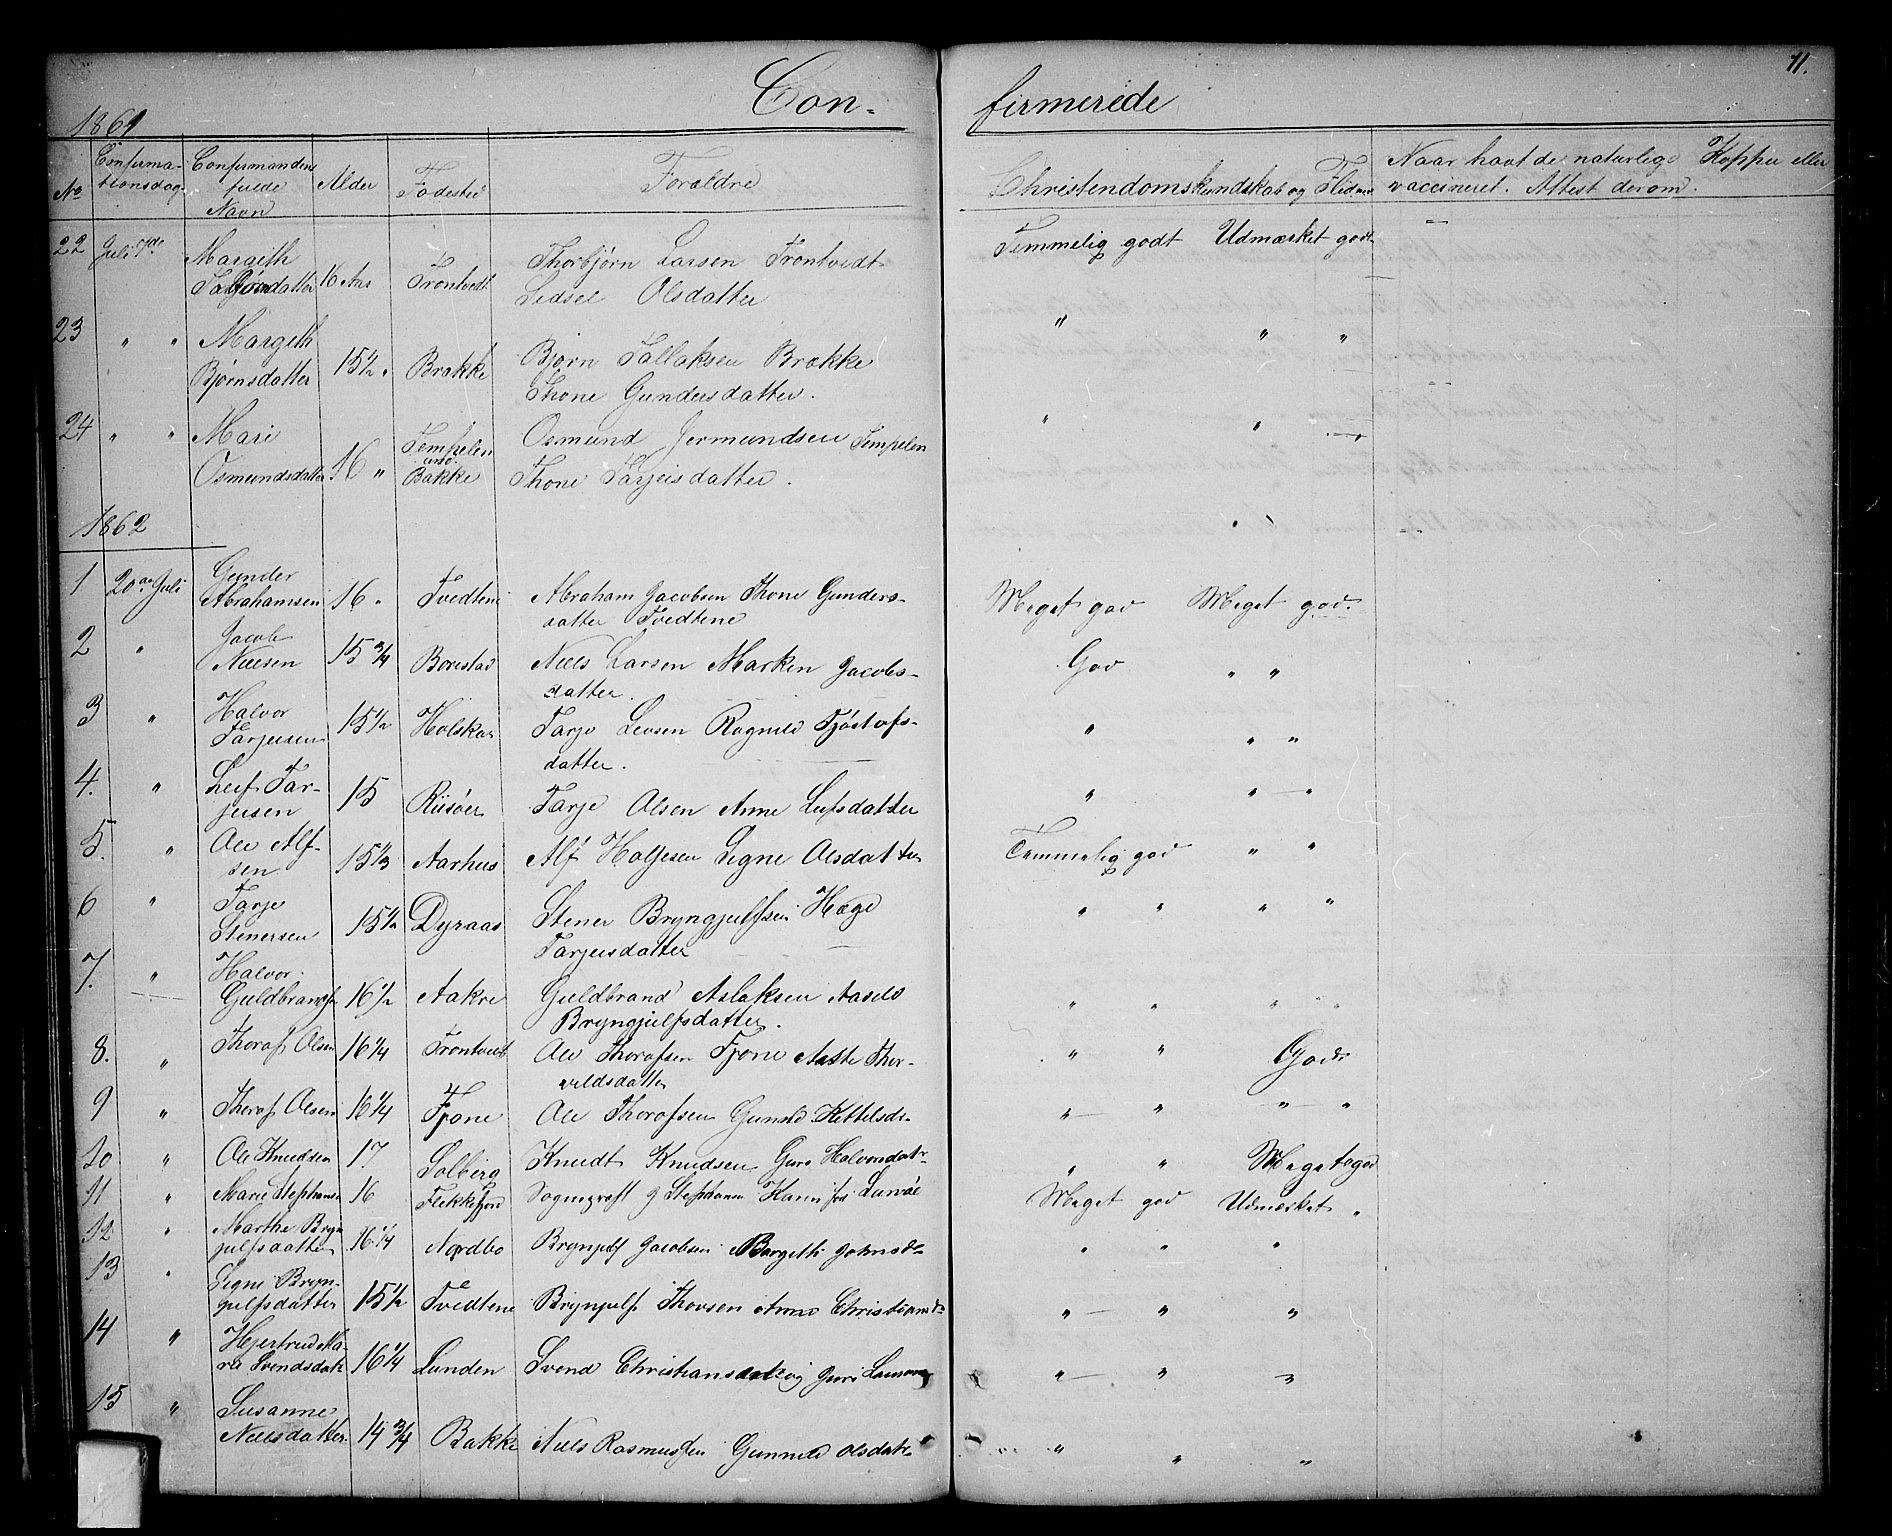 SAKO, Nissedal kirkebøker, G/Ga/L0002: Klokkerbok nr. I 2, 1861-1887, s. 71